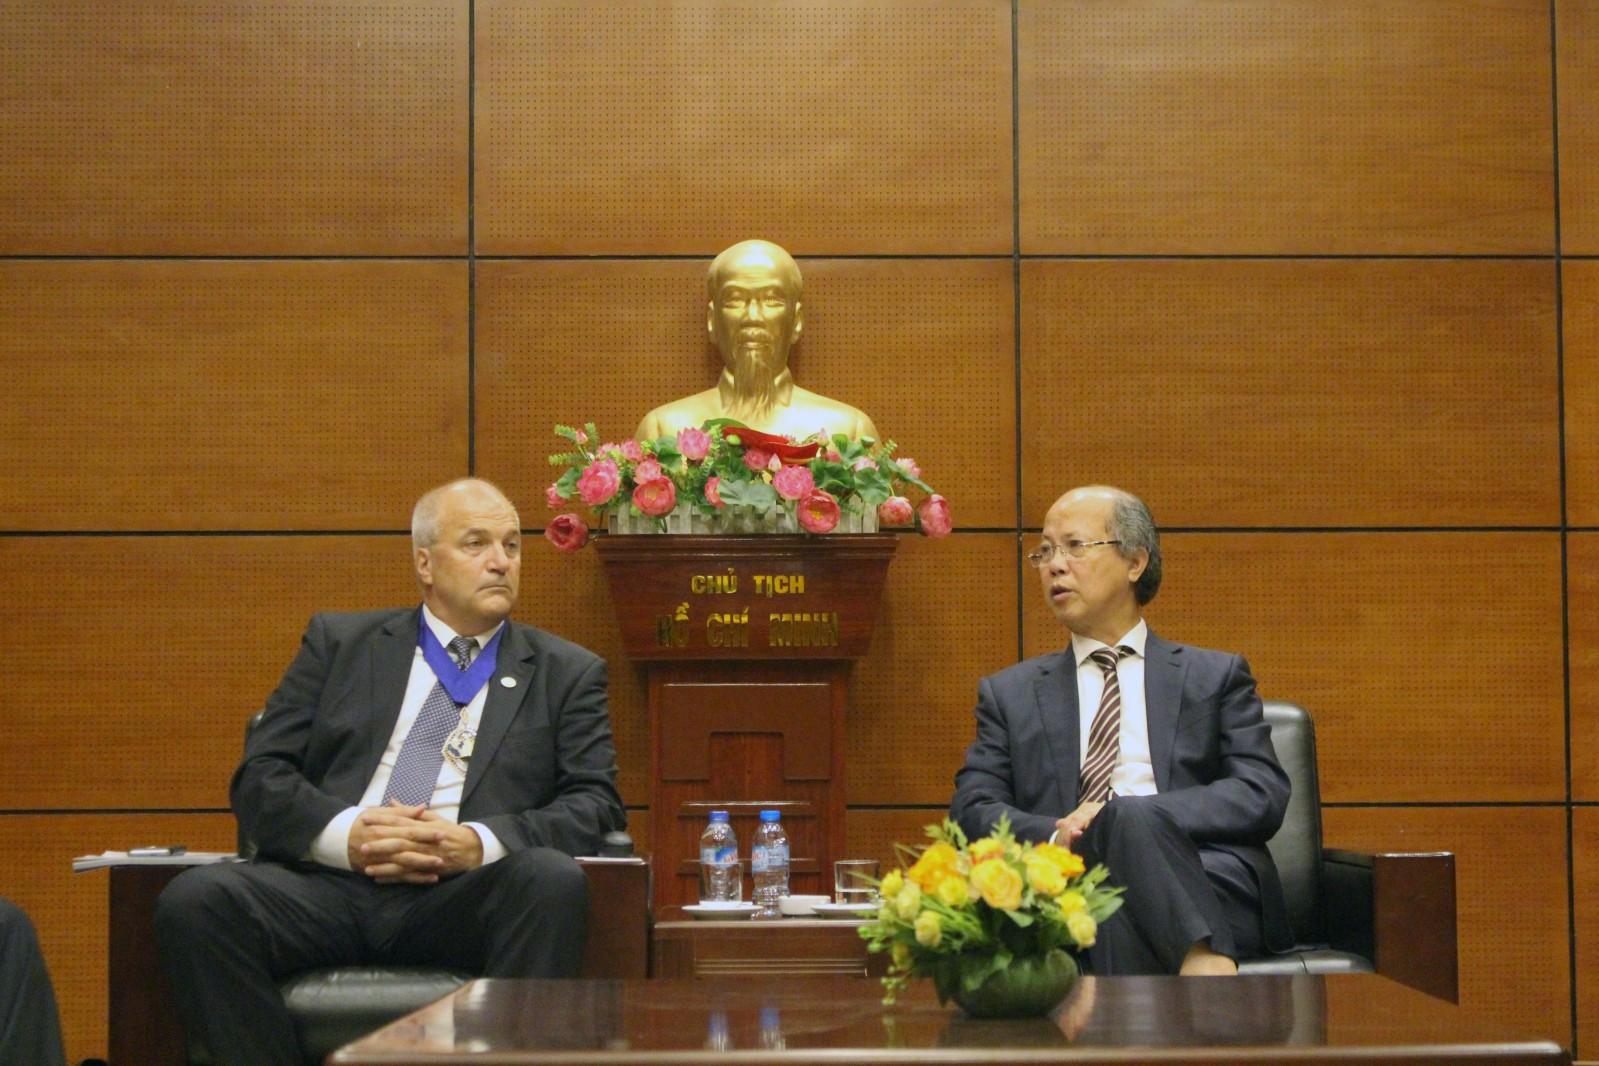 Chủ tịch Nguyễn Trần Nam tiếp đoàn Liên đoàn bất động sản Thế giới (FIABCI)